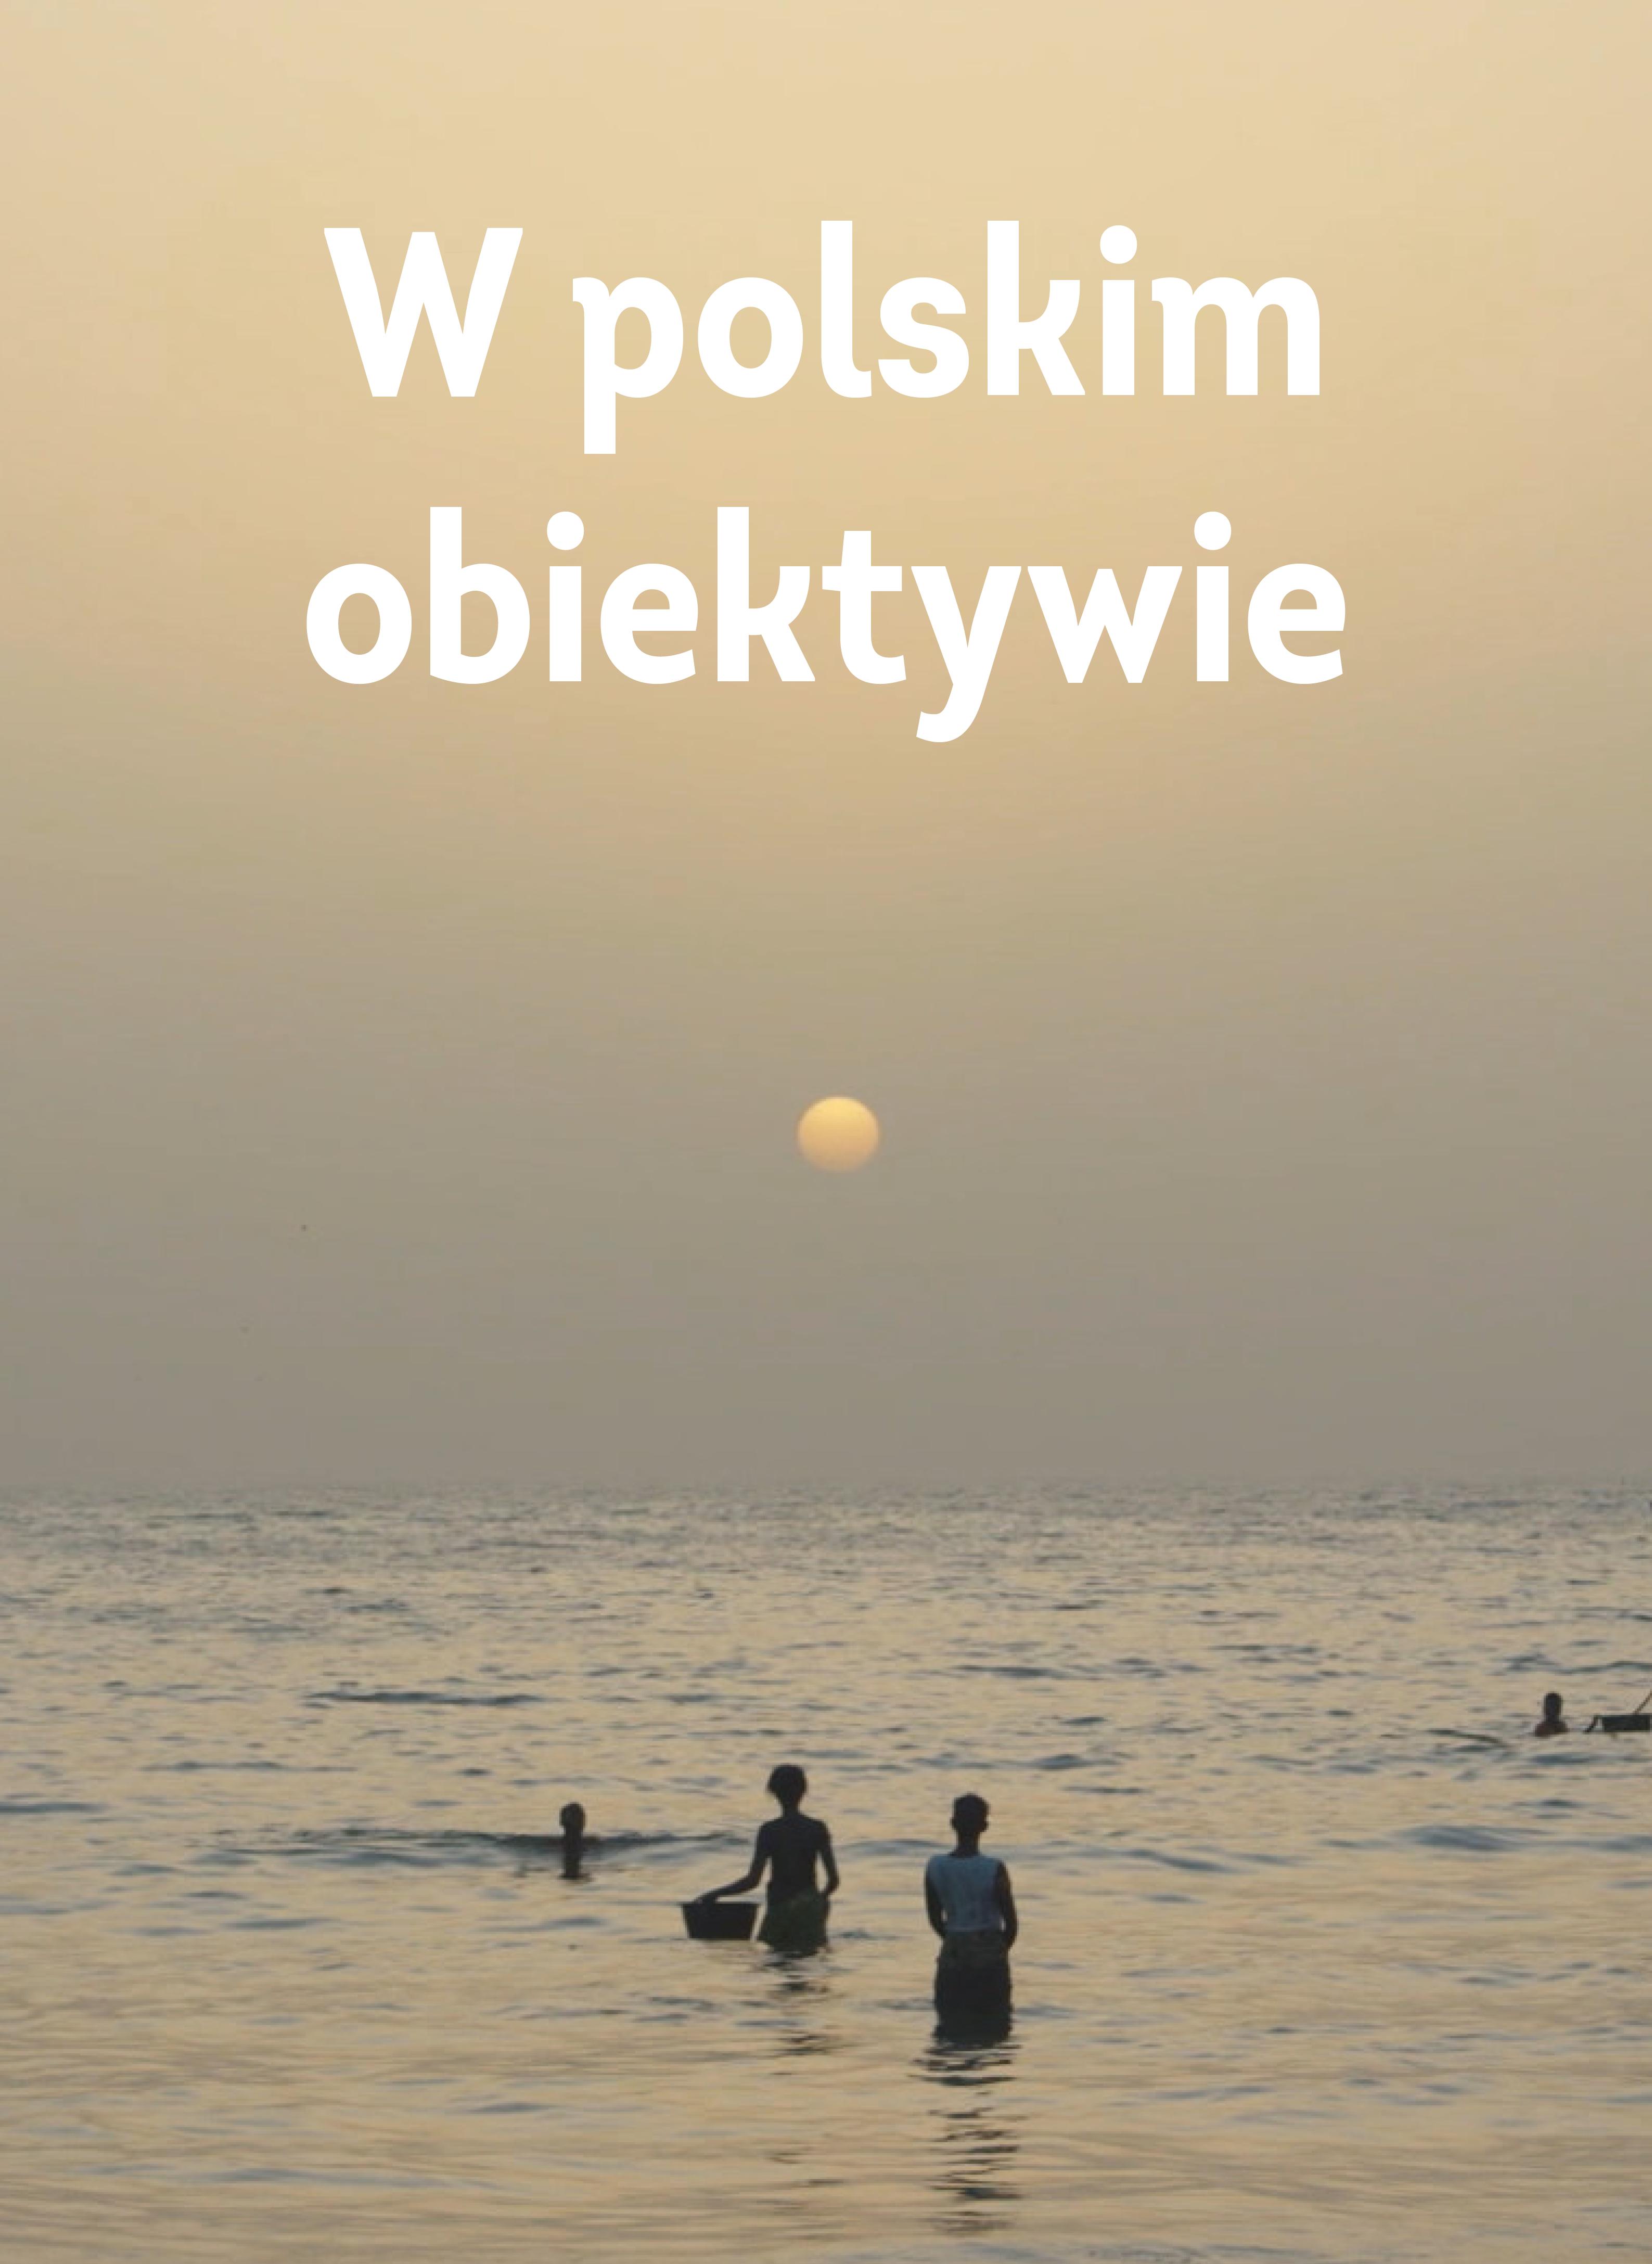 W polskim obiektywie